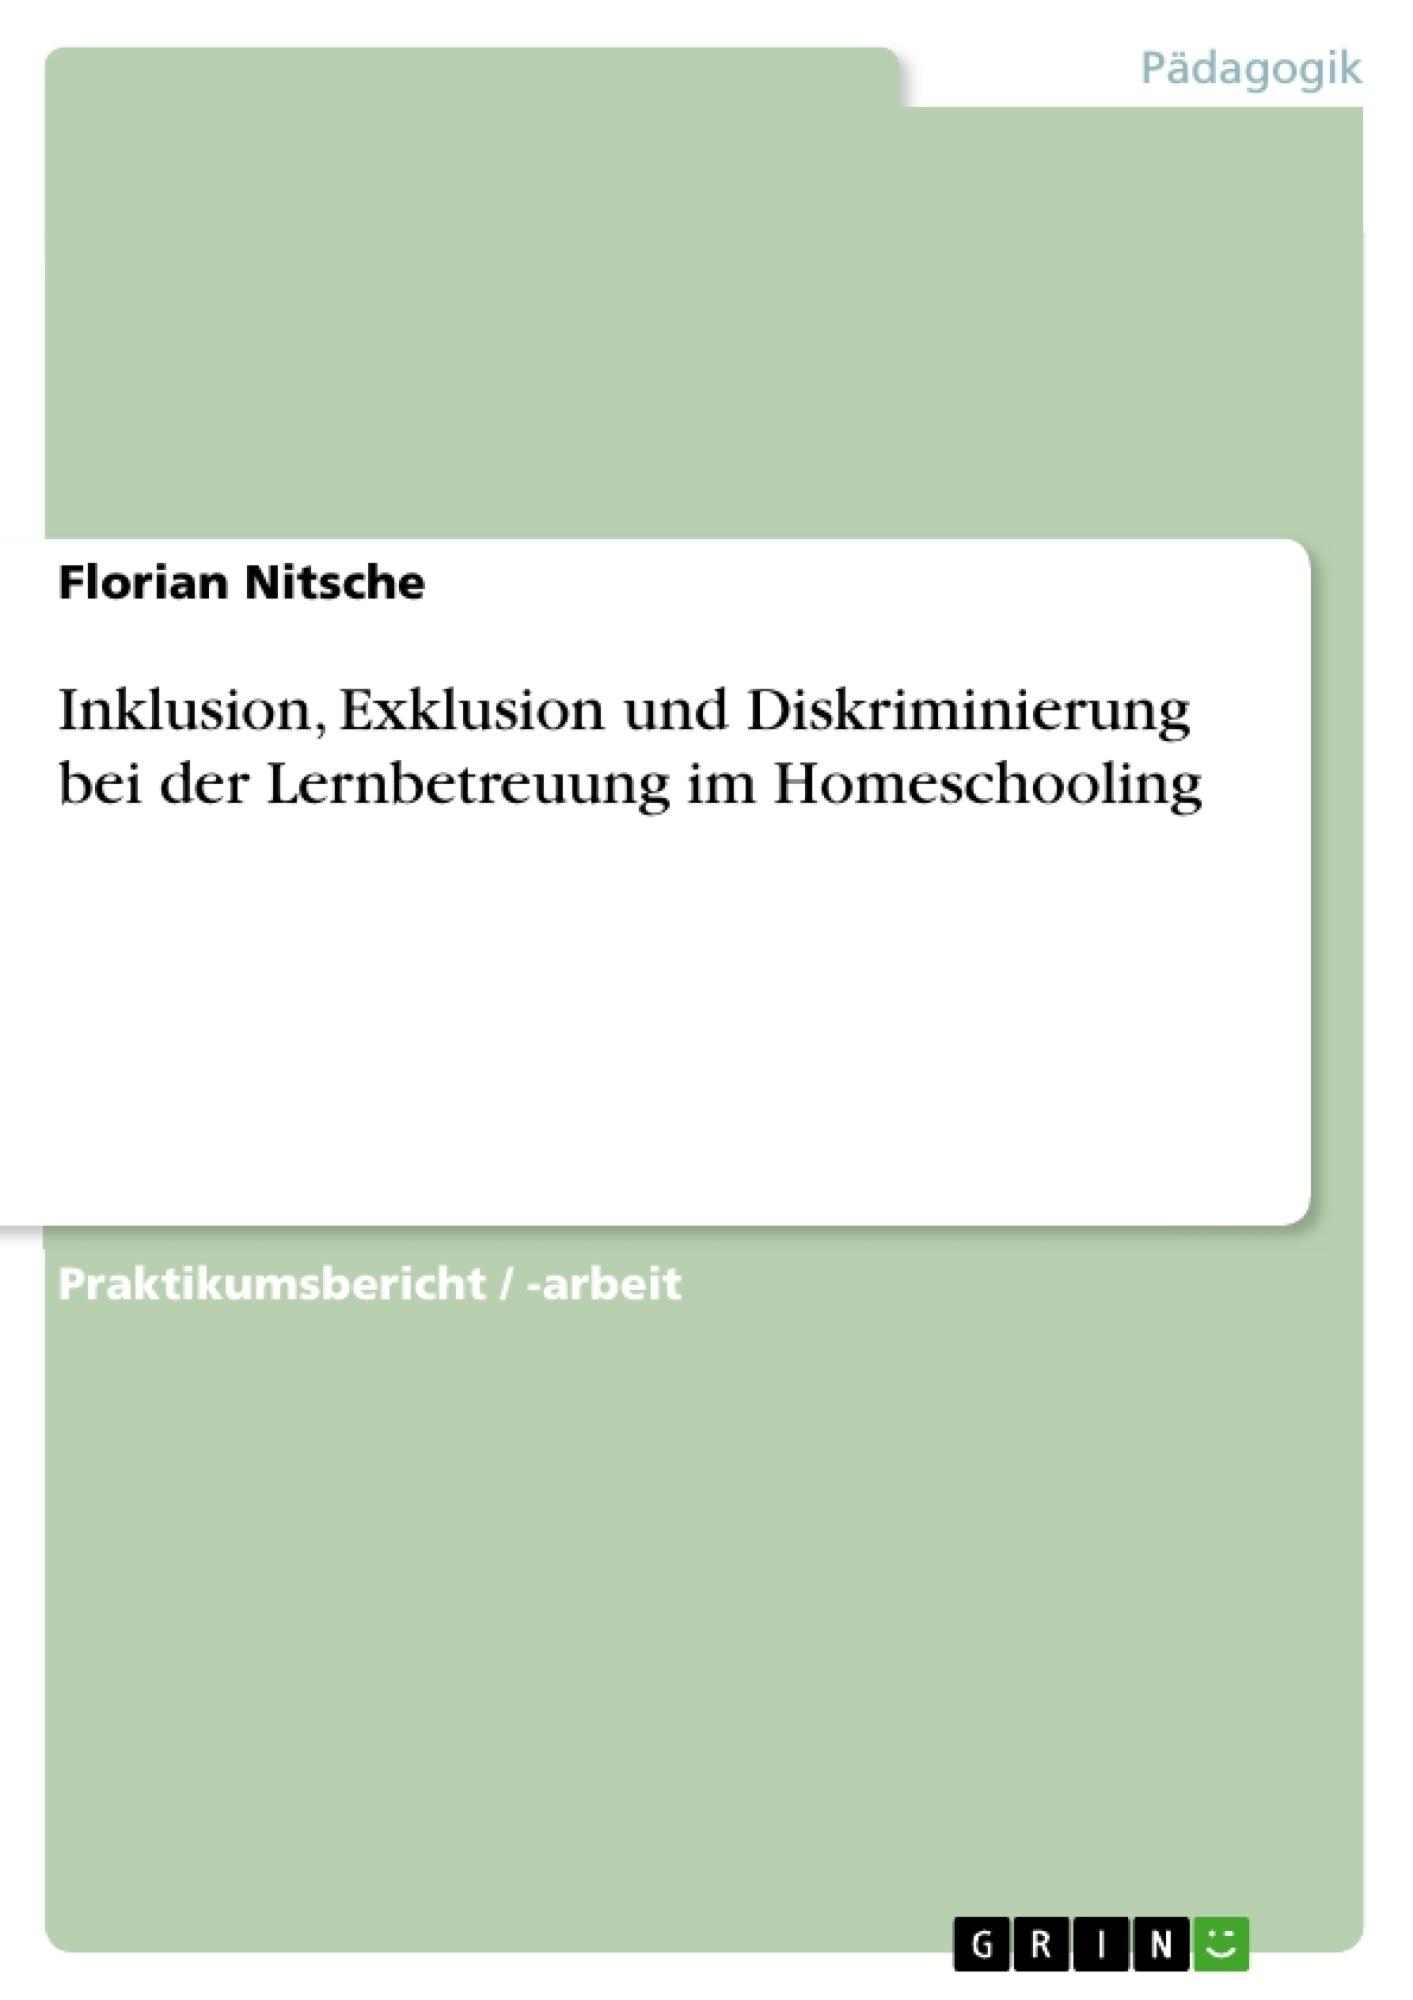 Titel: Inklusion, Exklusion und Diskriminierung bei der Lernbetreuung im Homeschooling